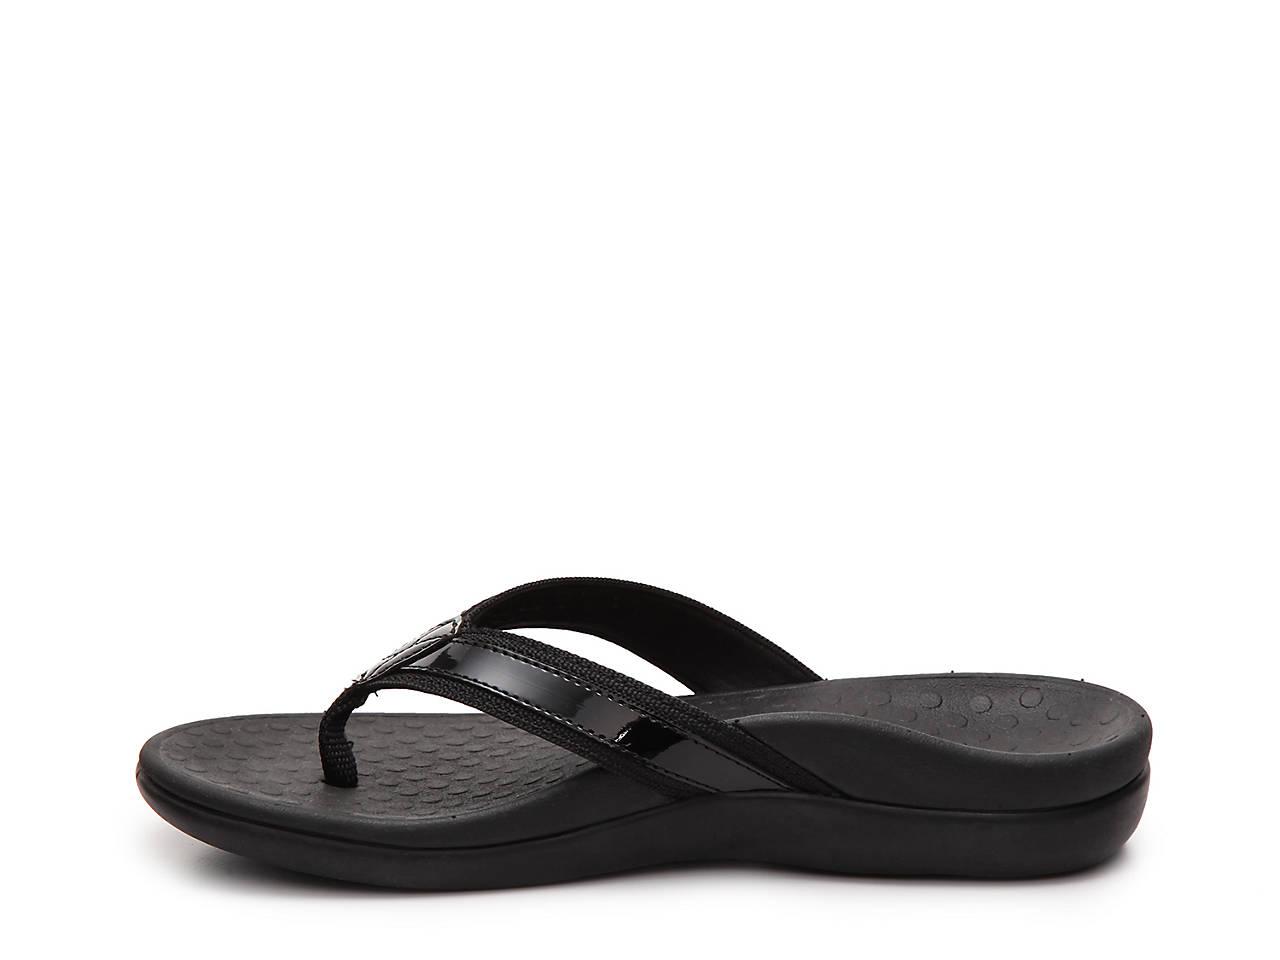 aacdb839df12 Vionic Tide II Flip Flop Women s Shoes